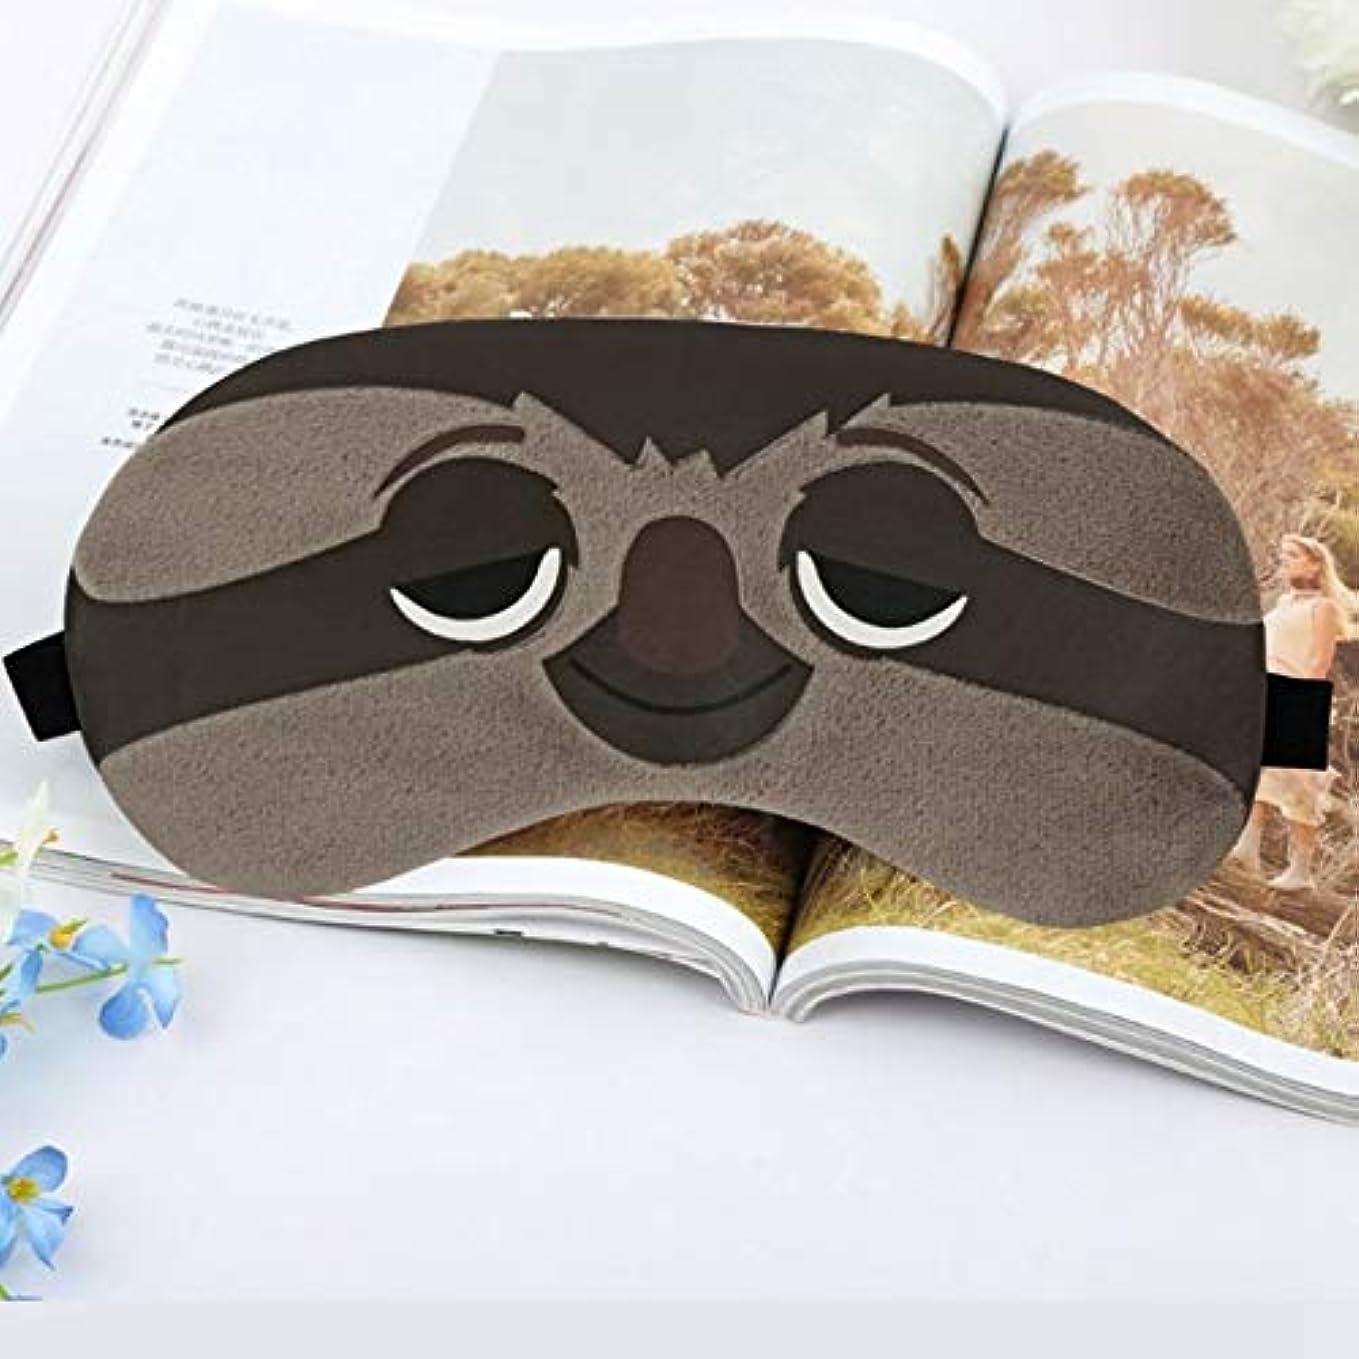 定義バーマドポットNOTE ソフトコットンシームレススリーピングマスクアイマスクアイパッチヒョウセラピーパターンシェードカバー旅行のためリラックス睡眠補助MP0183